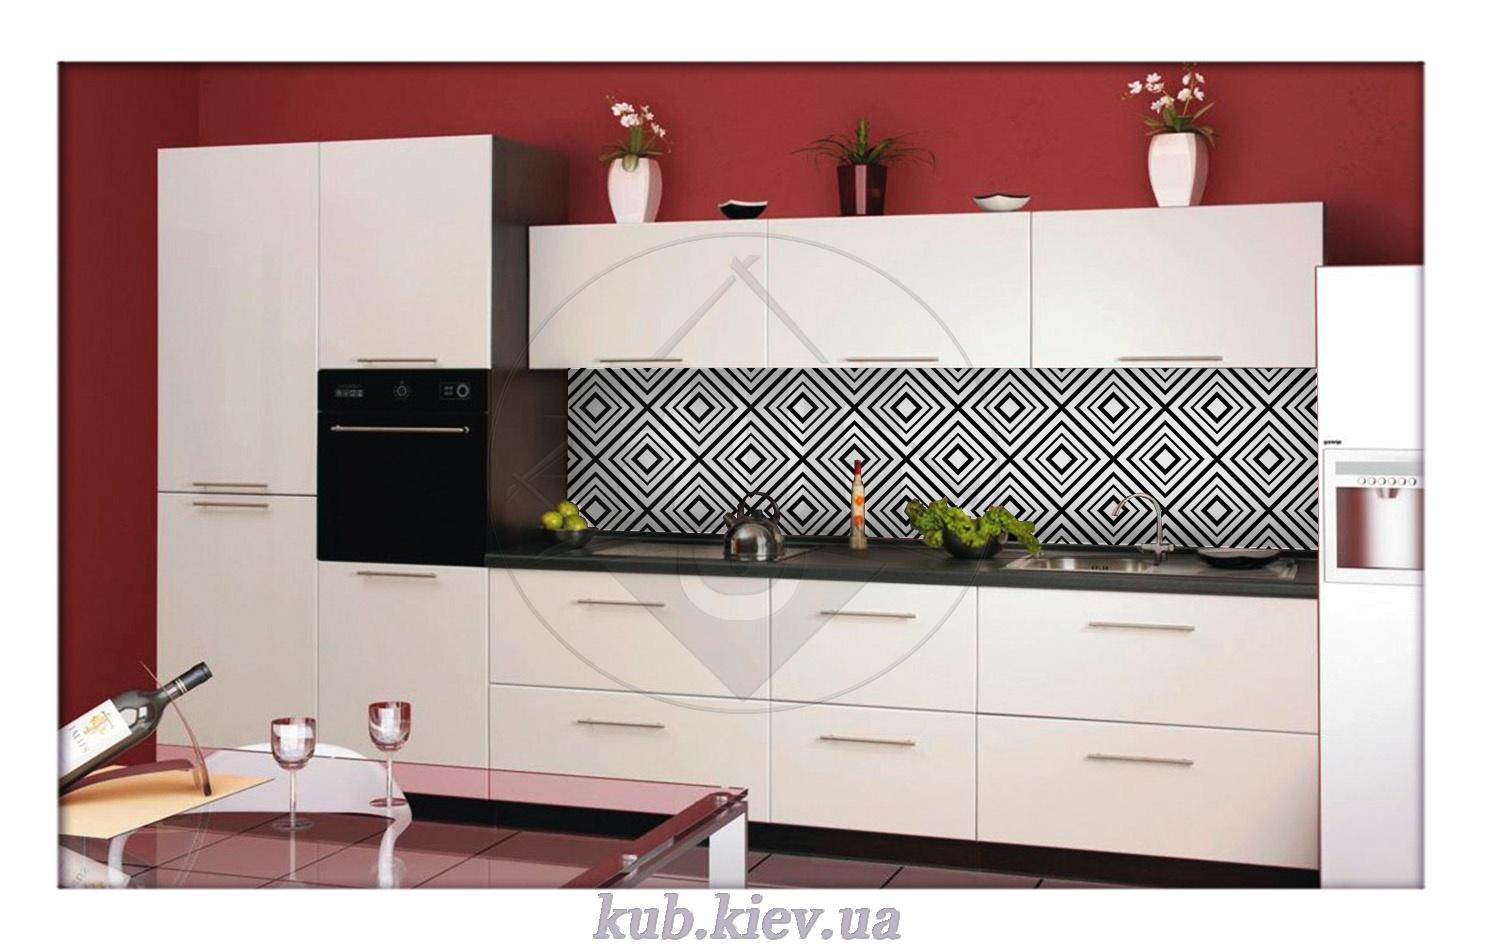 """Фотография Скиналь """"Скиналь с фотопечатью №1091"""" для рабочей стенки на  кухню от интернет"""